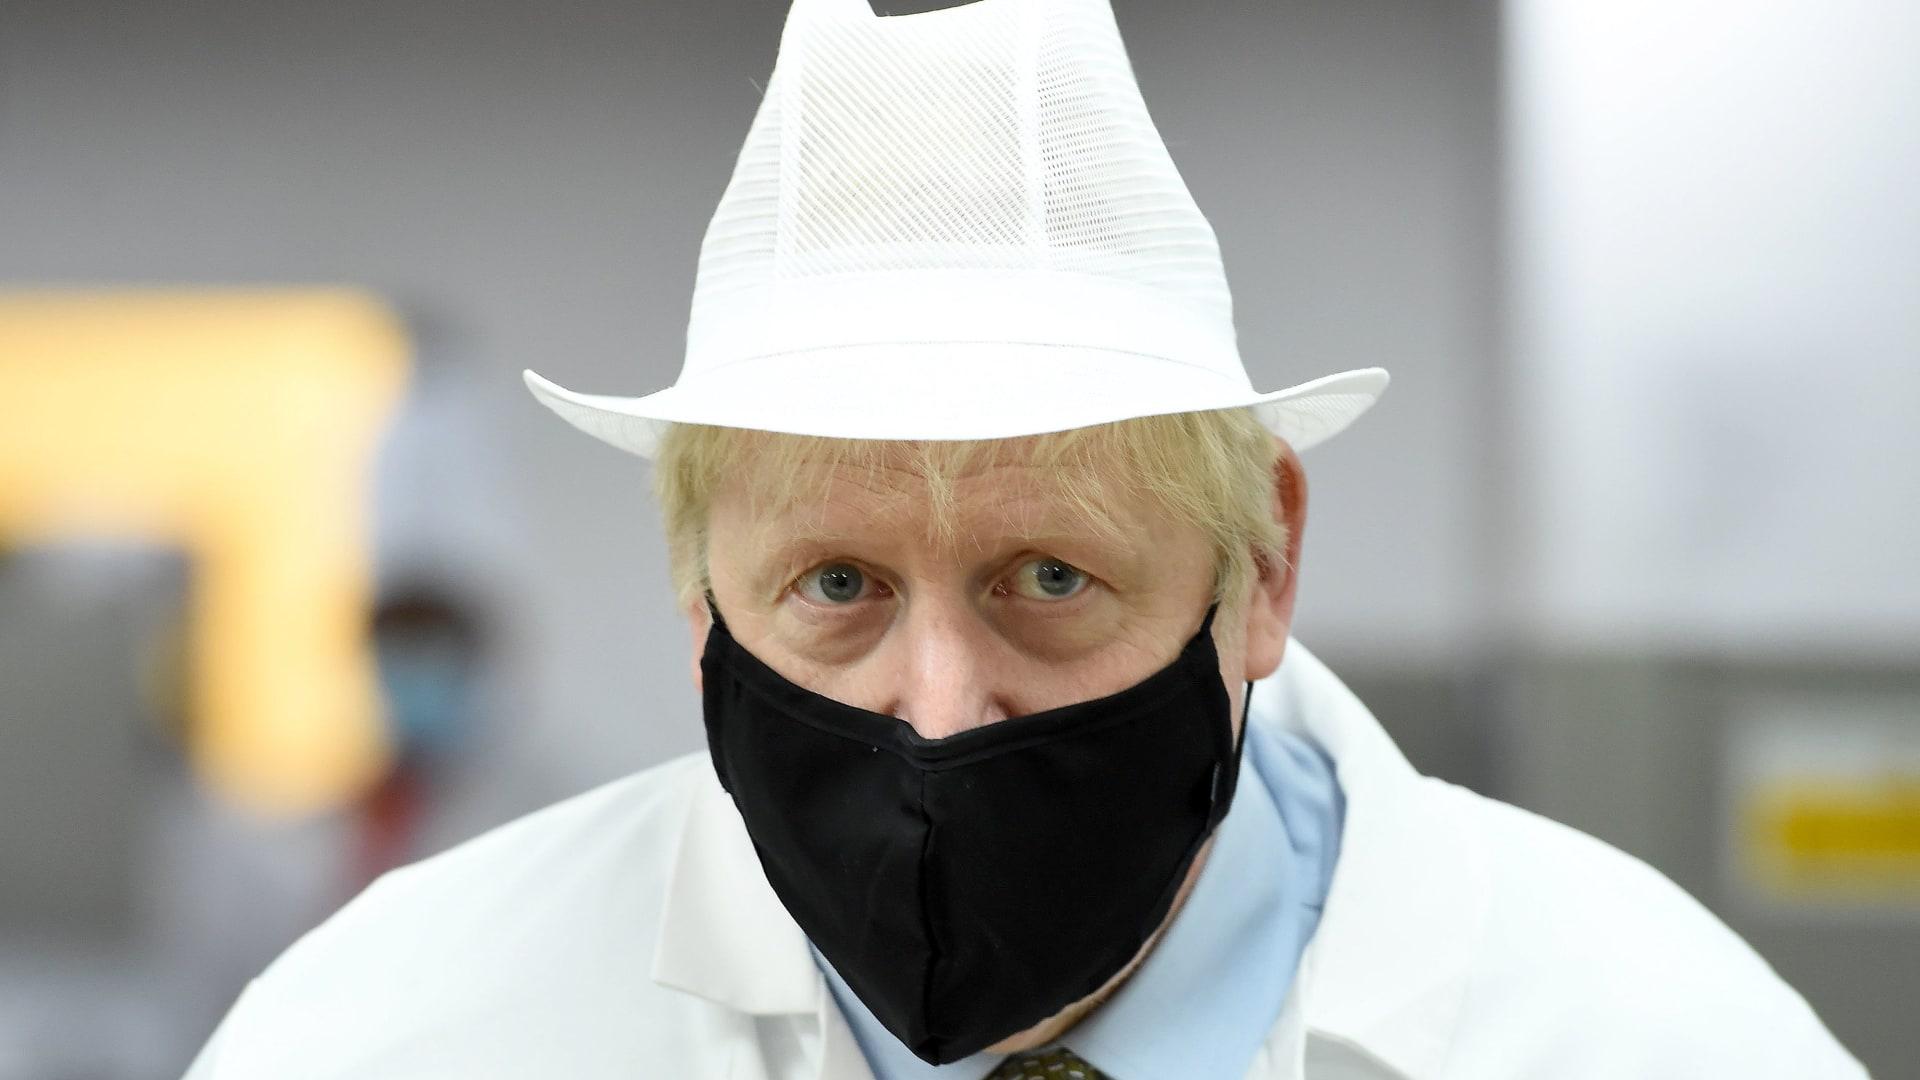 مع اقتراب الموجة الثانية.. إغلاق تام ثان يتسبب باحتجاجات في بريطانيا